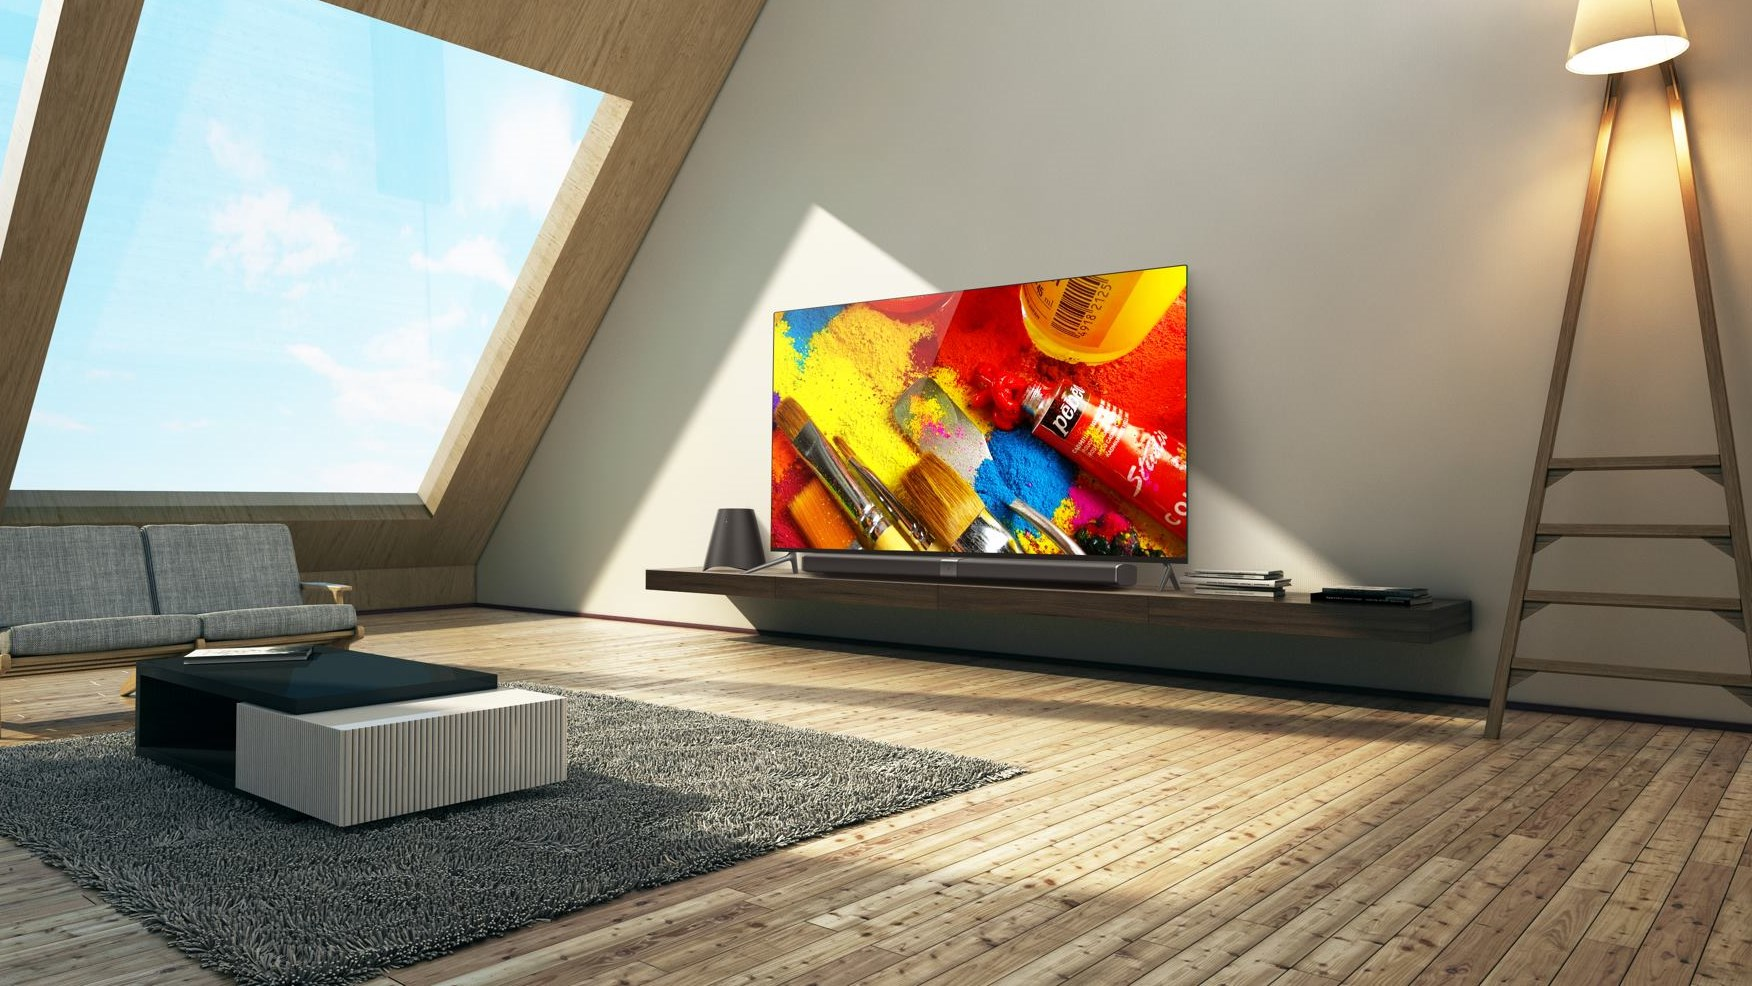 A nova Xiaomi Mi TV 4 foi ontem apresentada por Hugo Barra num evento  integrado na CES 2017. Esta nova televisão inteligente, sucessora da Mi TV  3, ... aecfd06c30